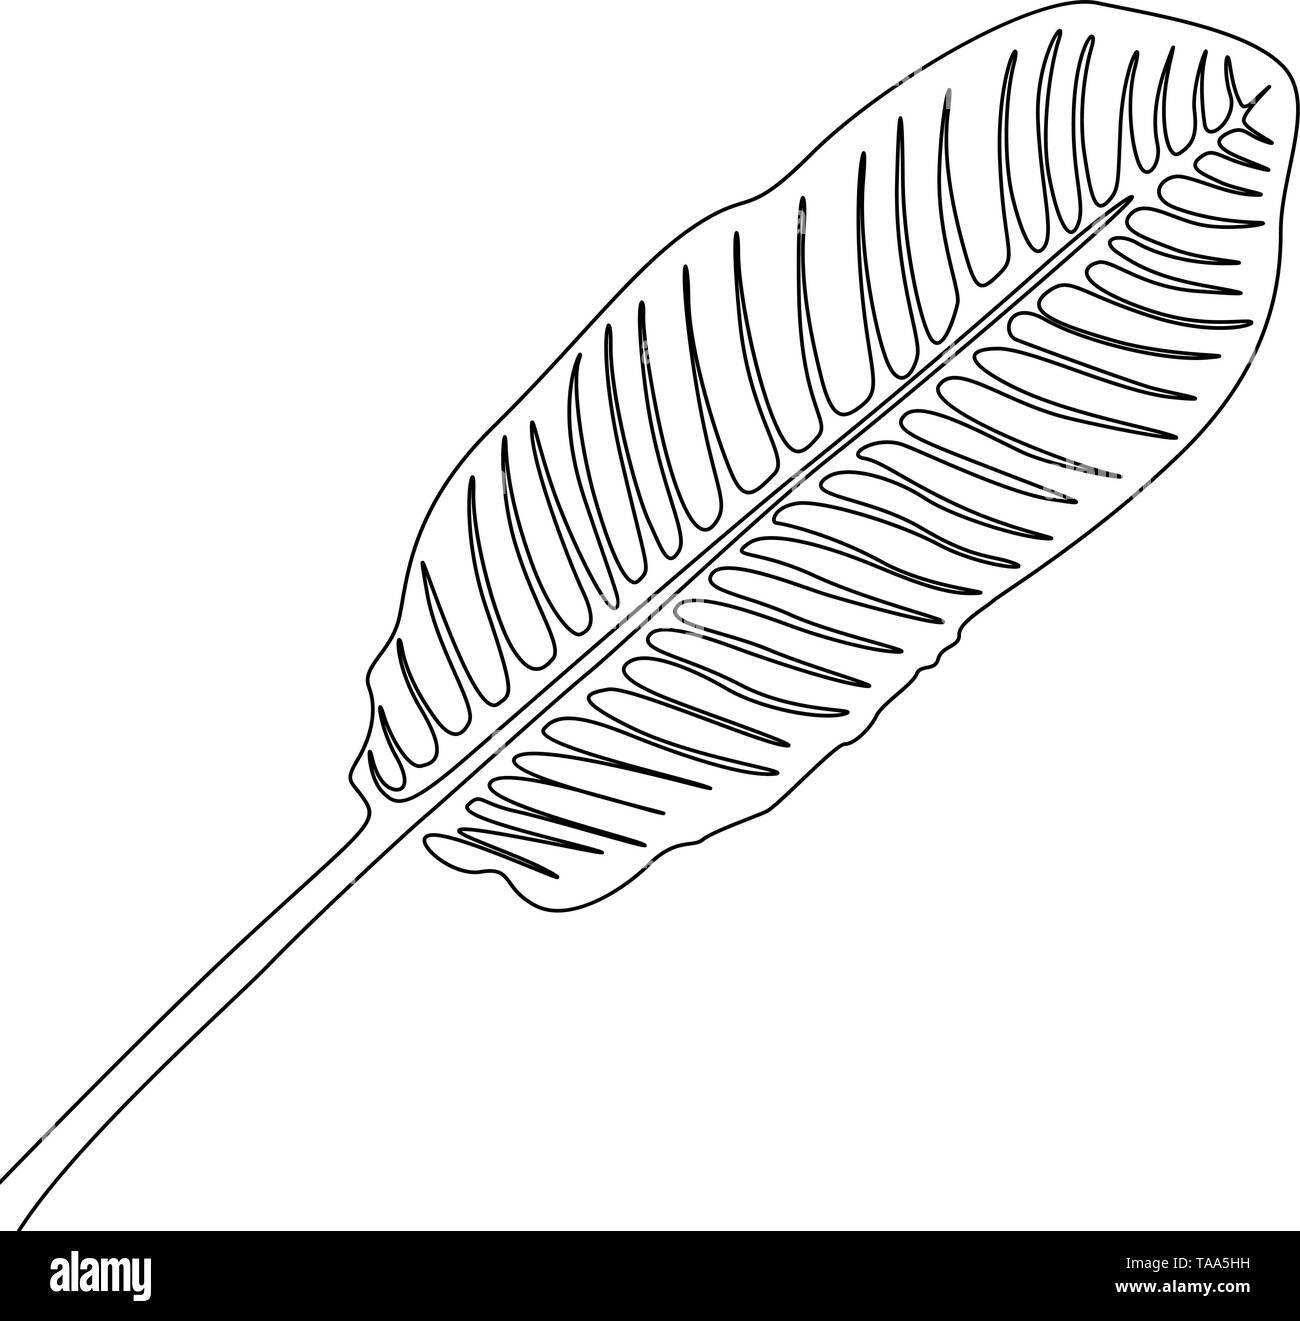 Eine Strichzeichnung banan Blatt. Durchgehende Linie exotische tropische Pflanzen. Stockbild